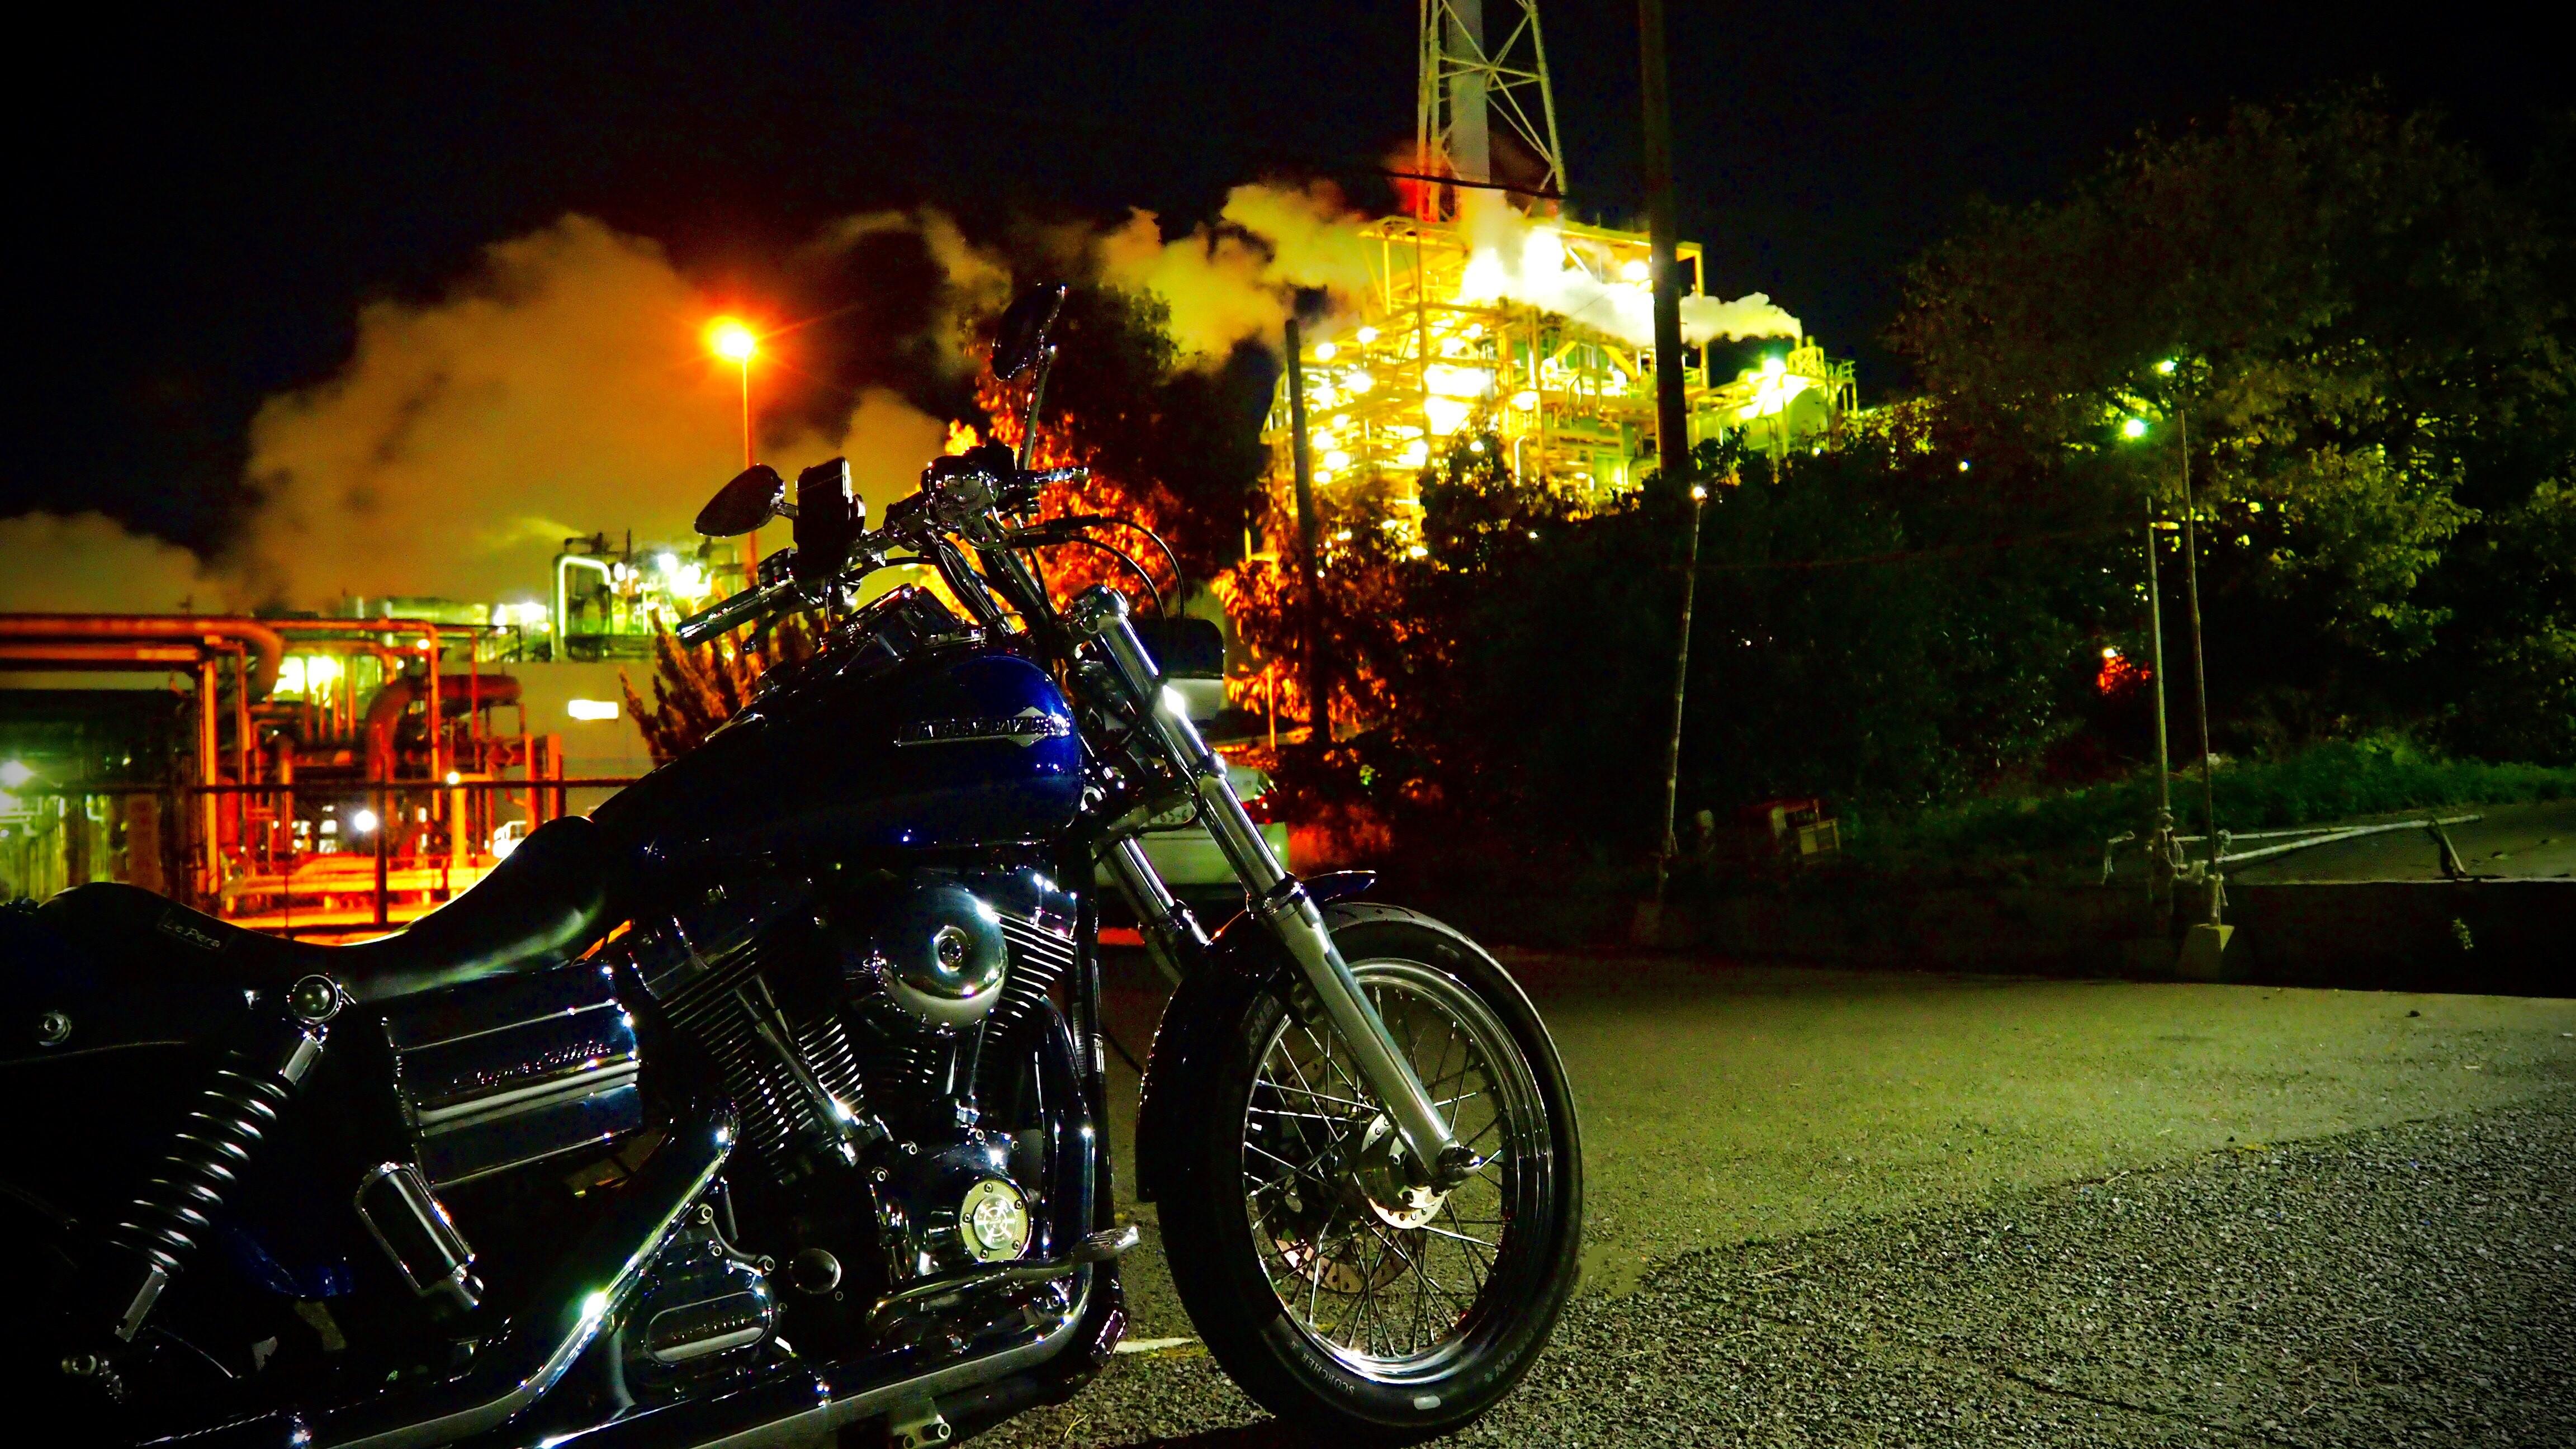 harleydavidson-motorcycle-touring-blog-osaka-nightouring-factorynightview.jpg